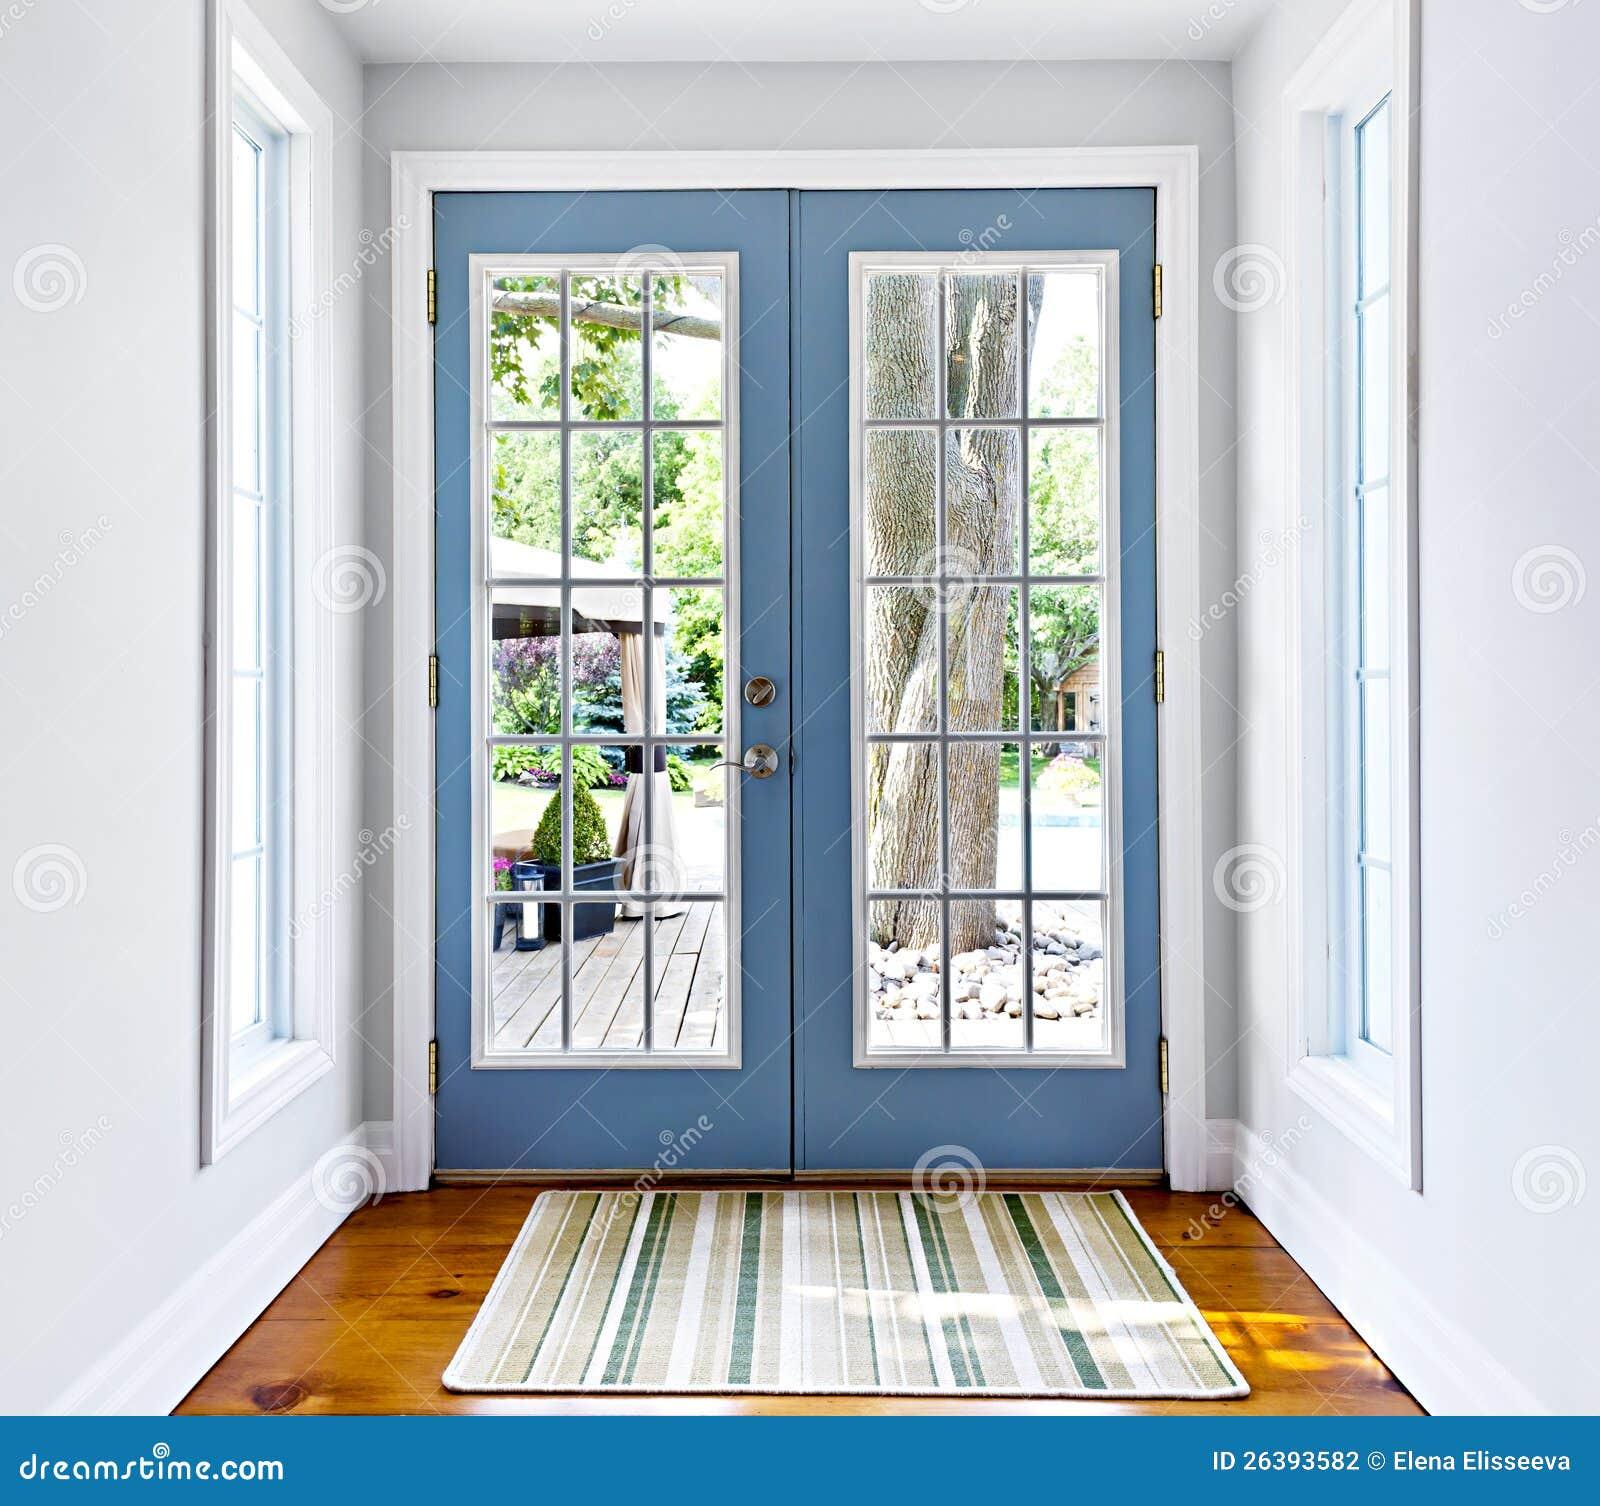 French Patio Glass Door Stock Photo Image Of Door Glass 26393582